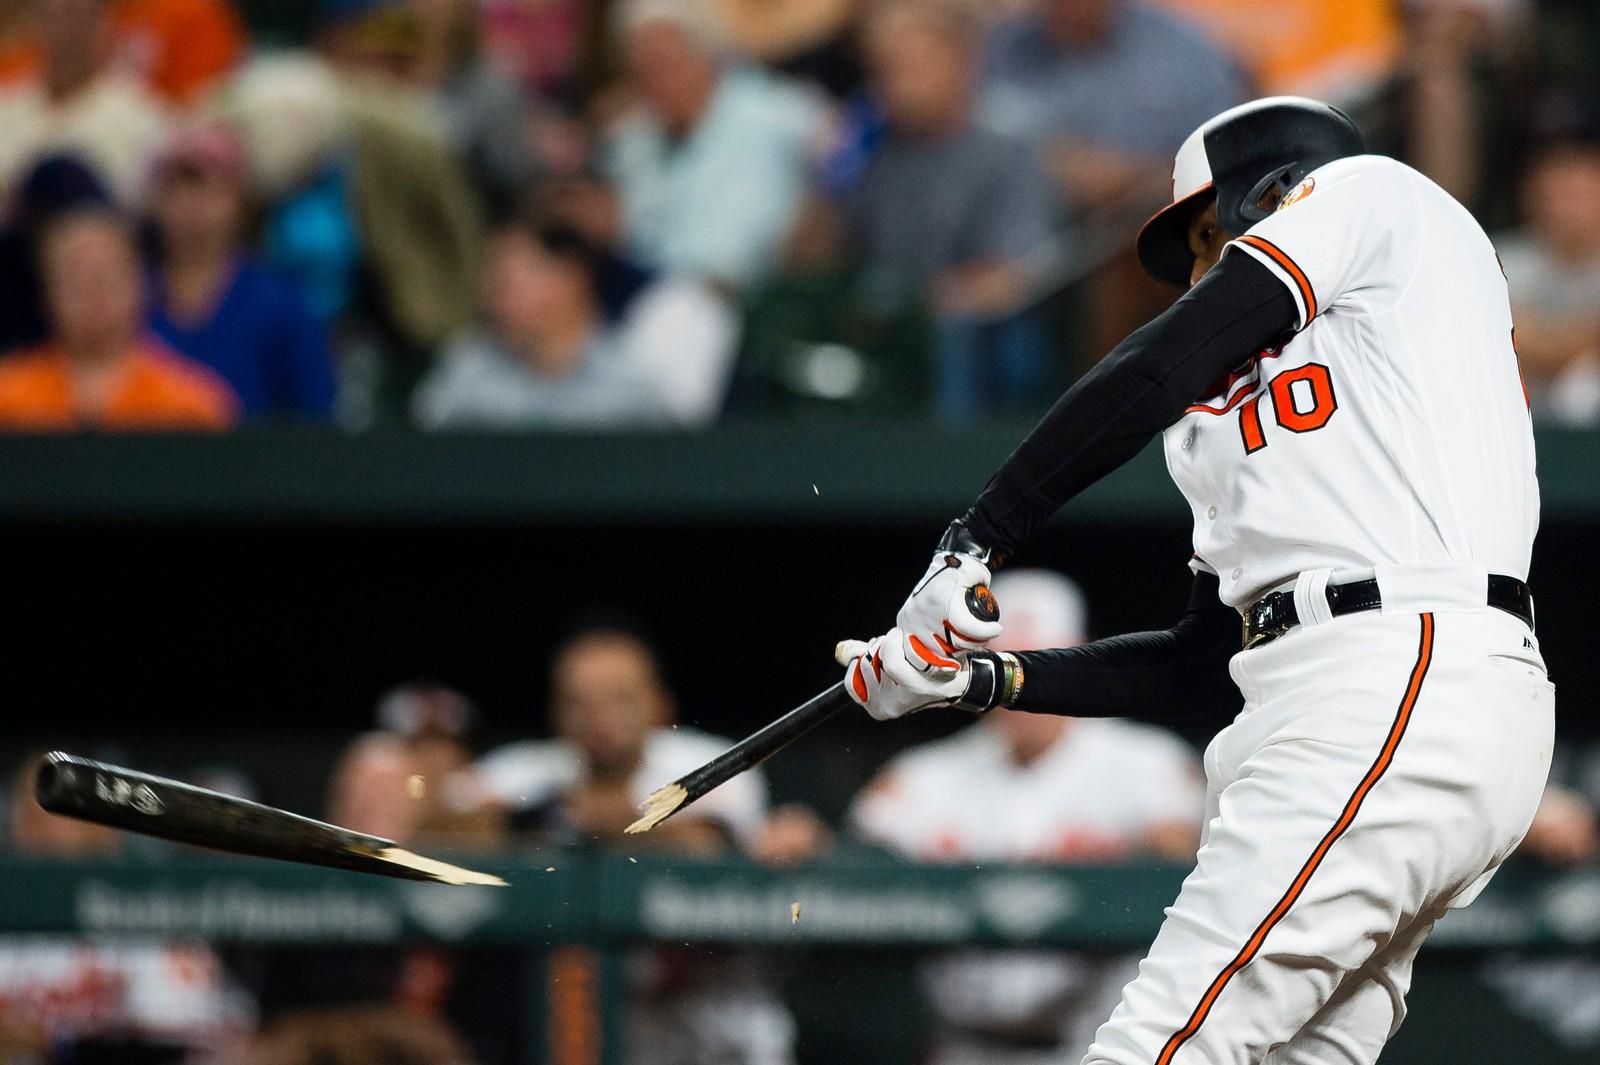 Hvor ballen er på dette bildet, aner vi ikke, men vi antar Adam Jones fra Baltimore Orioles traff den med full kraft. Resultatet taler for seg selv.